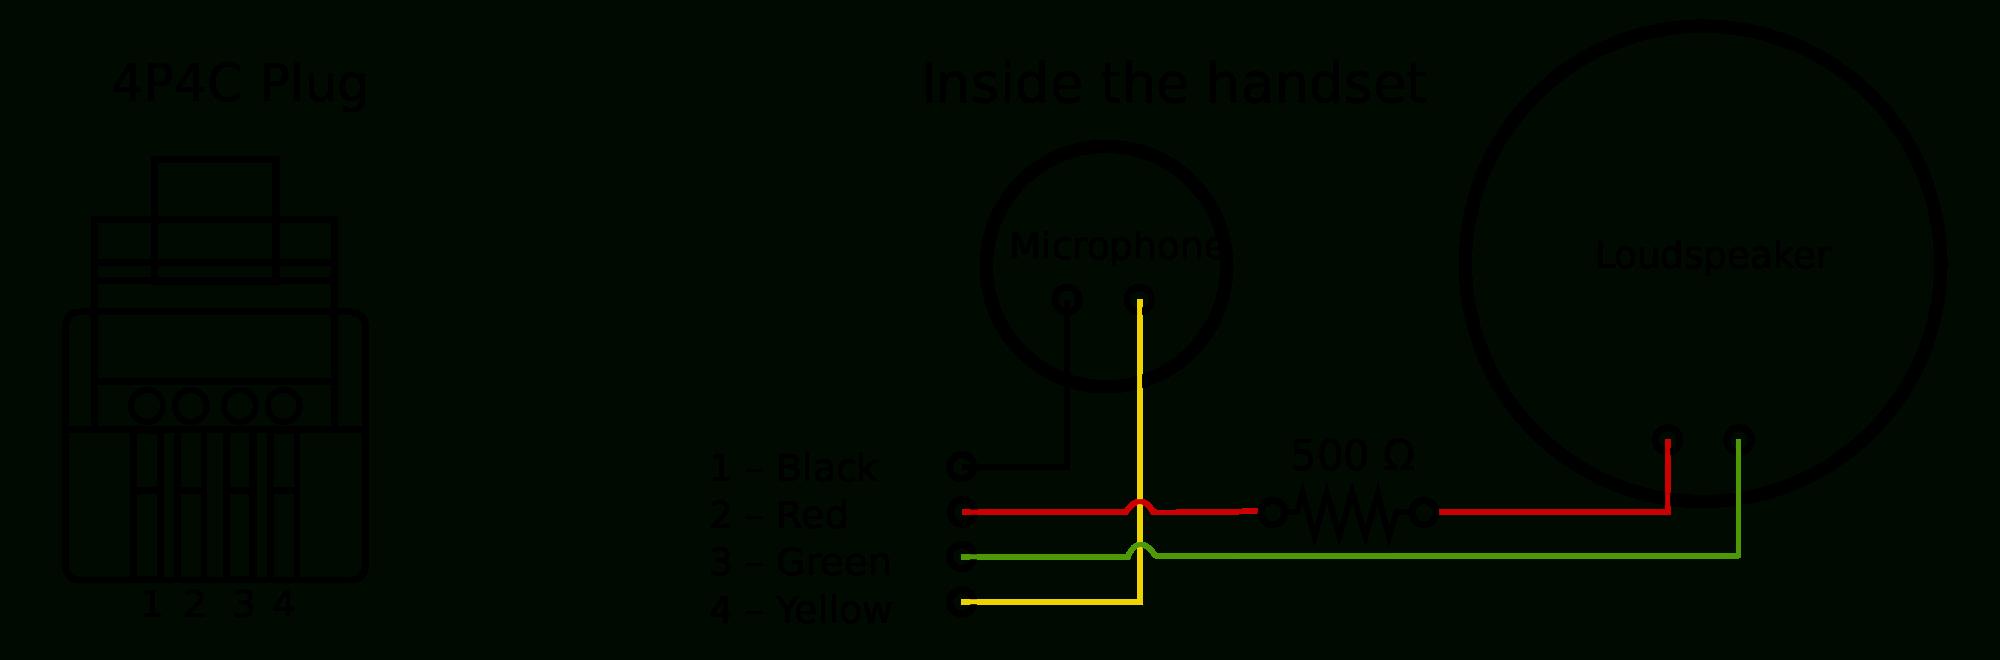 Wiring Diagram Hdmi Wire Color Code Diagrams